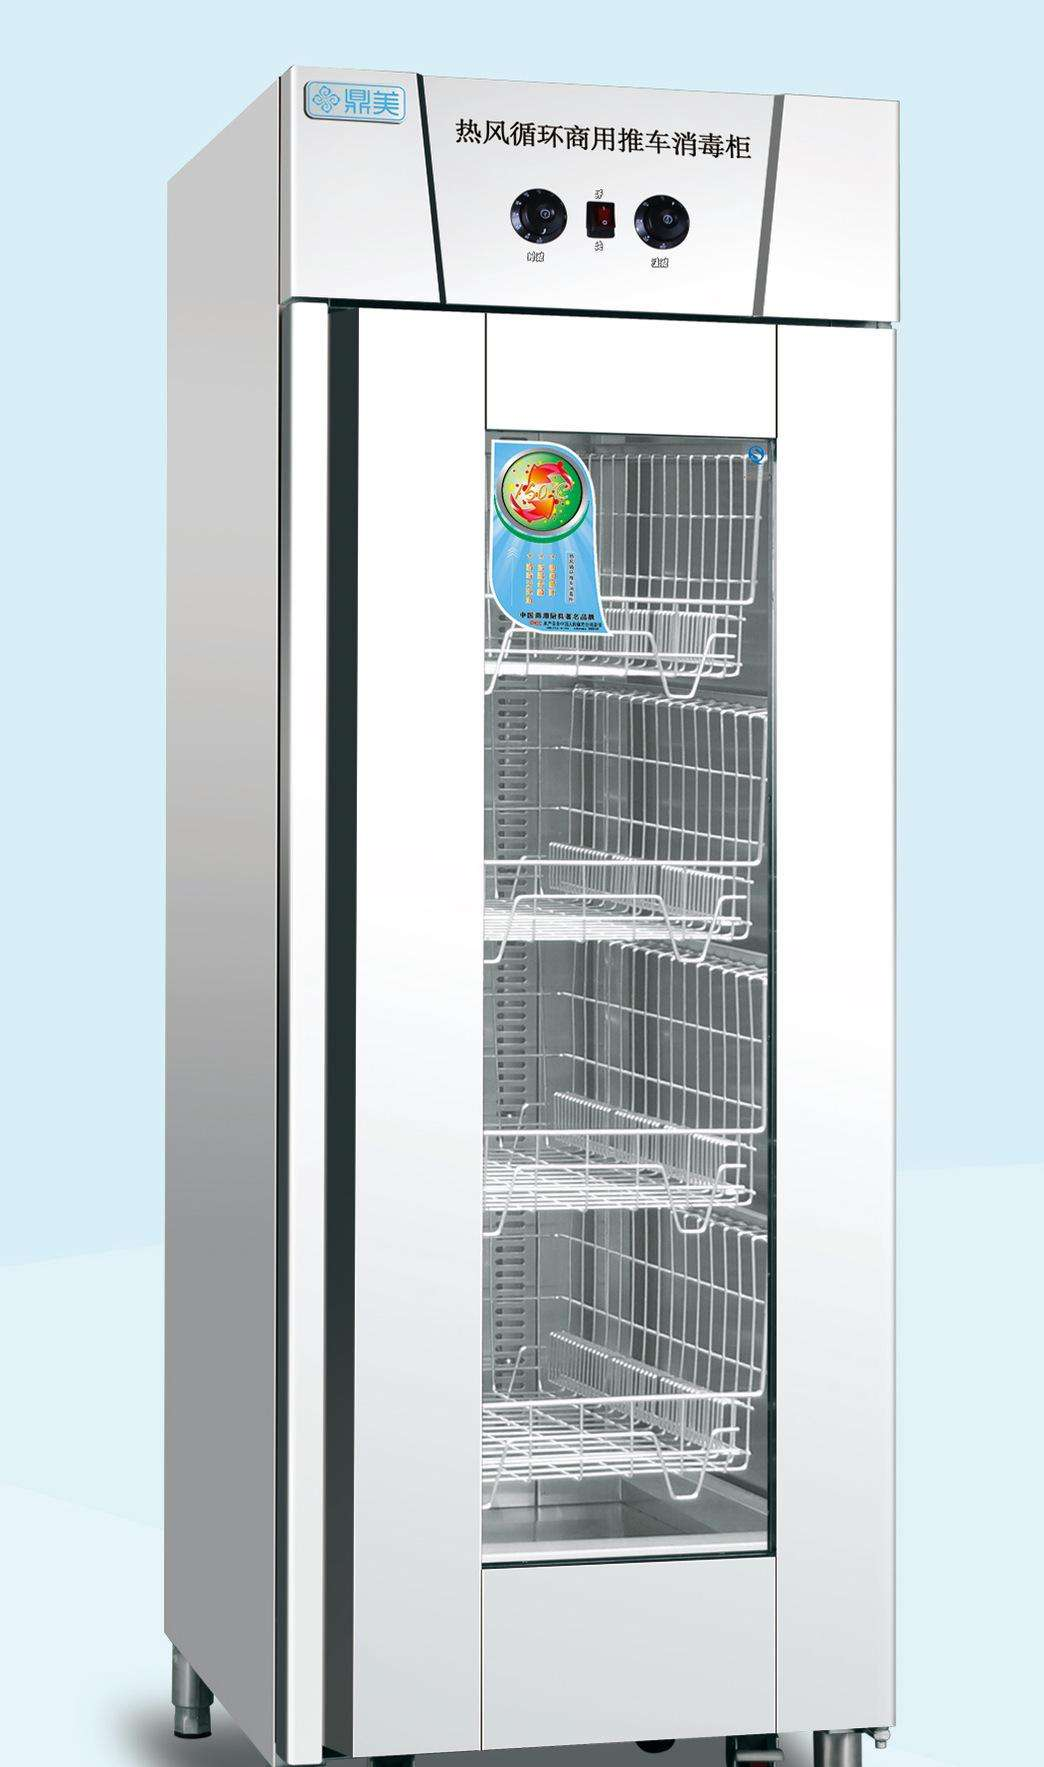 鲜奶吧机关食堂自制酸奶灭菌设备热风循环消毒柜